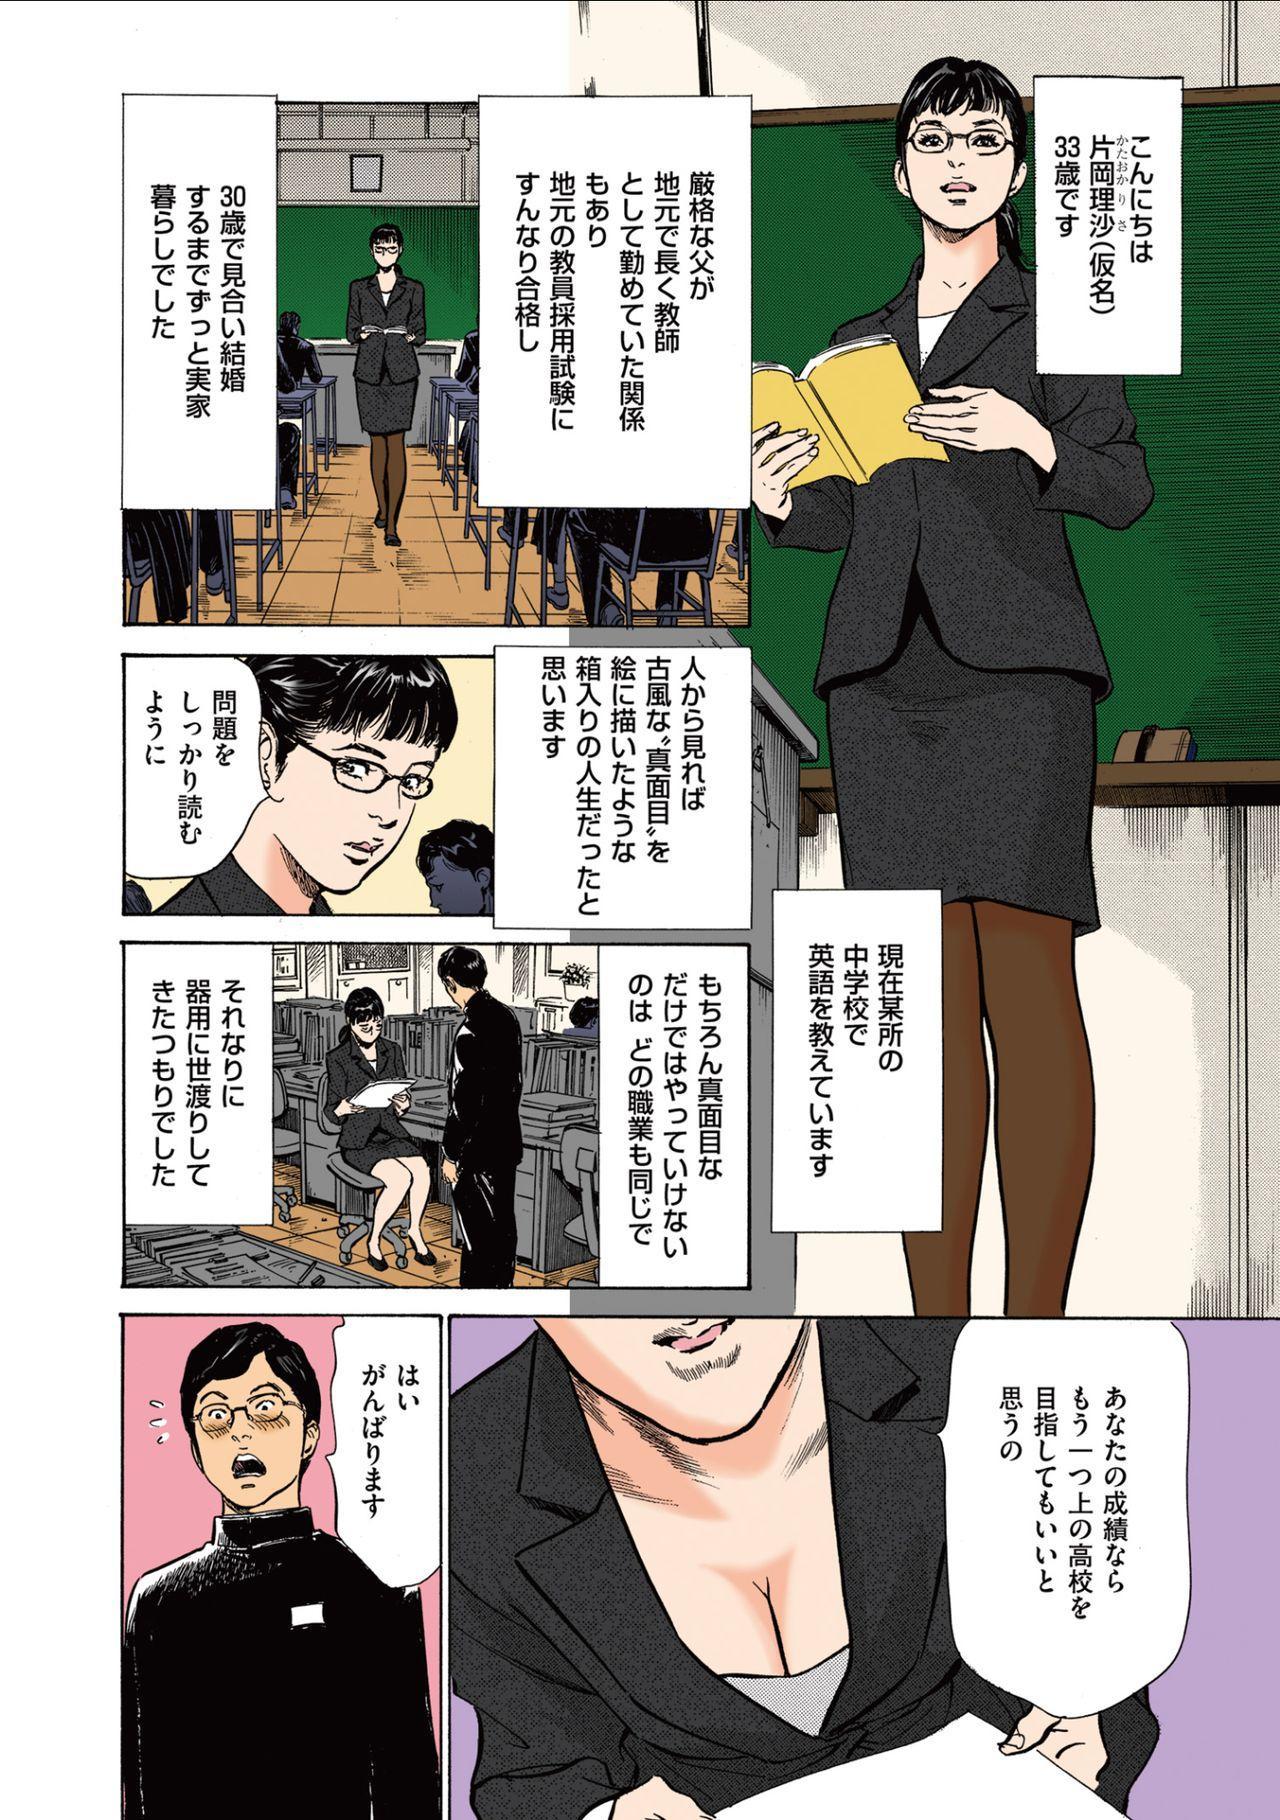 [Hazuki Kaoru] Hazuki Kaoru no Tamaranai Hanashi (Full Color Version) 1-2 37